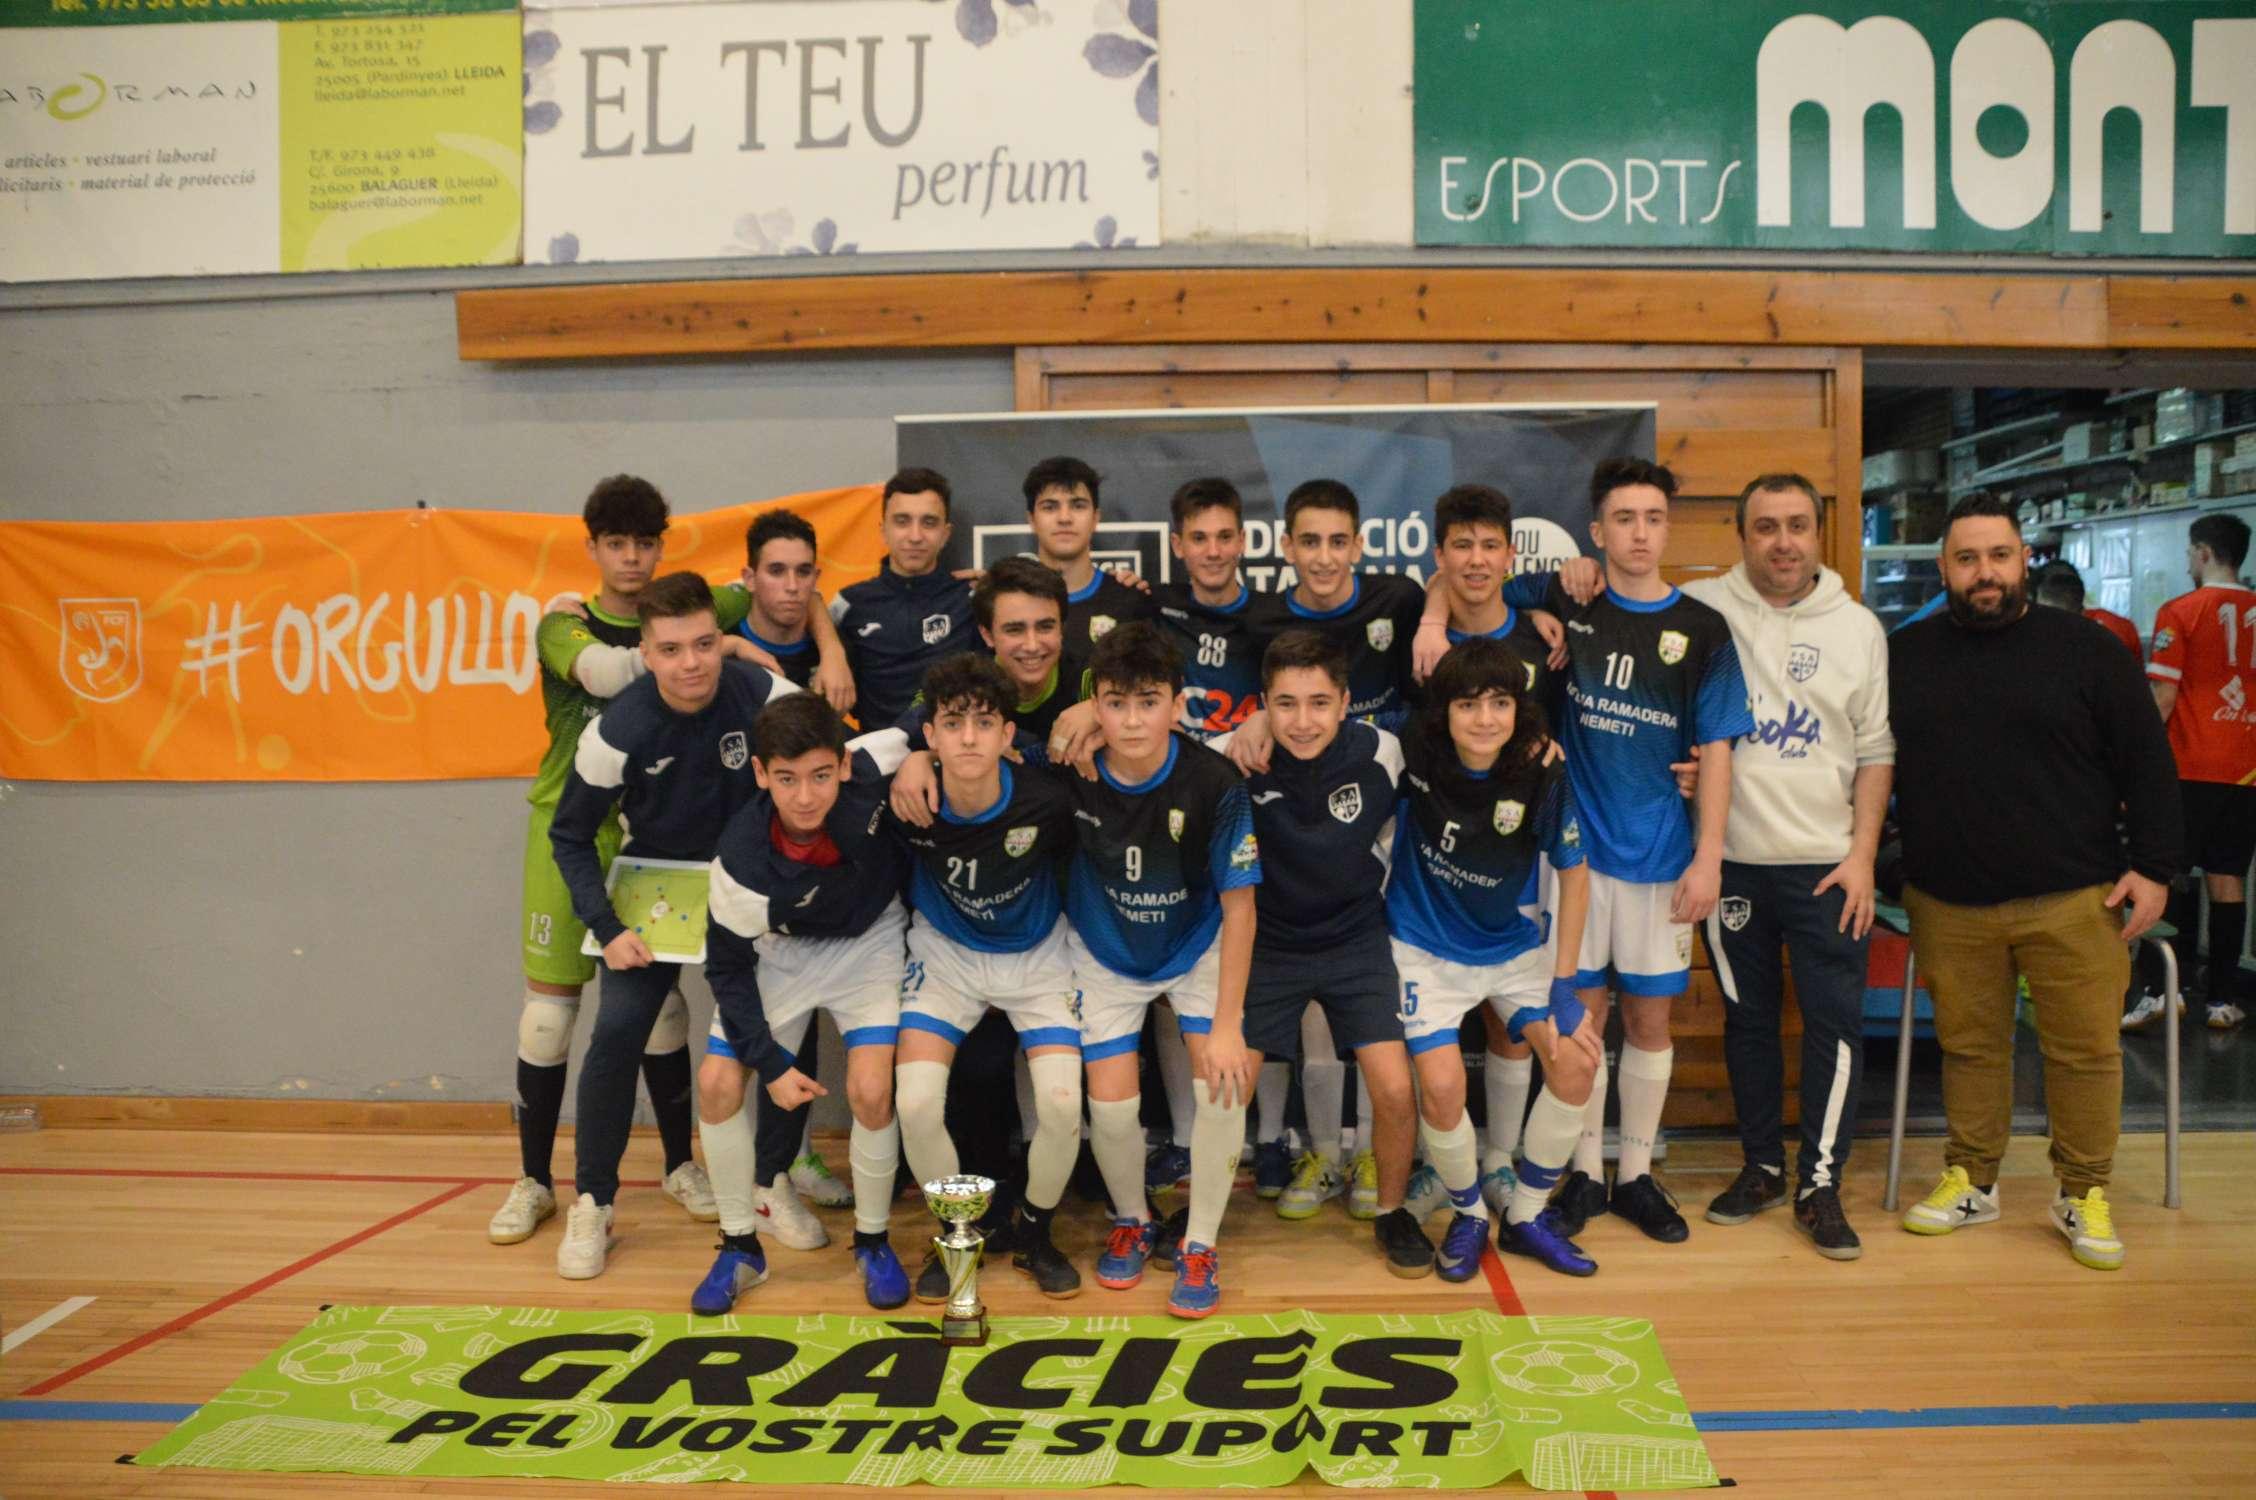 Campió Cadet Copa Lleida - Alcoletge CFS (Clàudia Ramos)